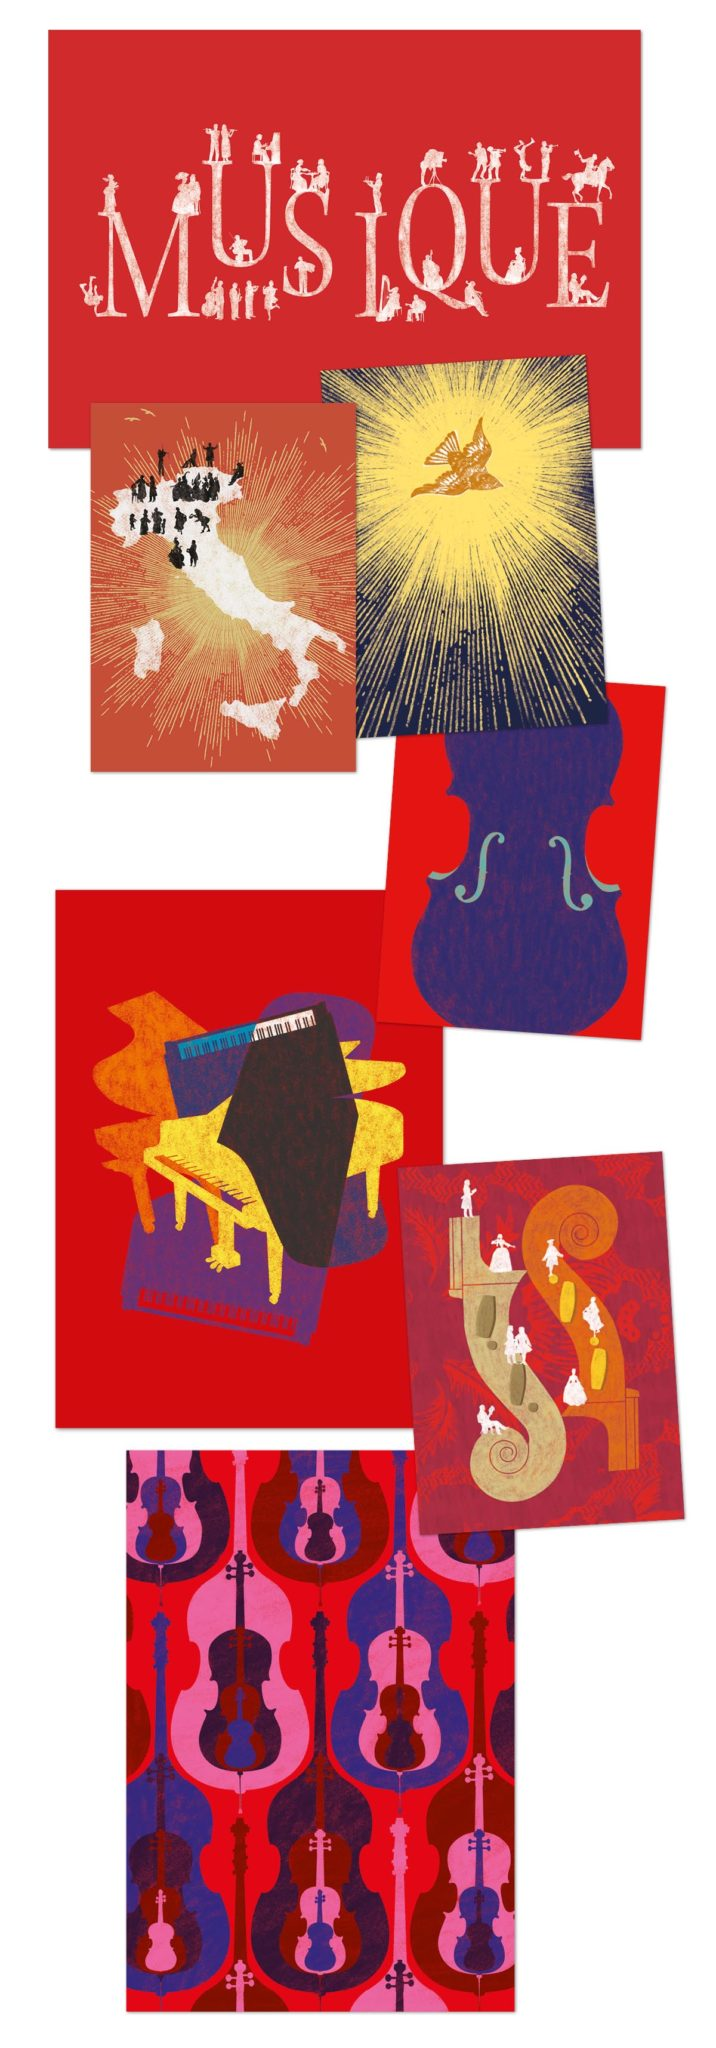 les théâtres saison 2013 illustrations craie musique